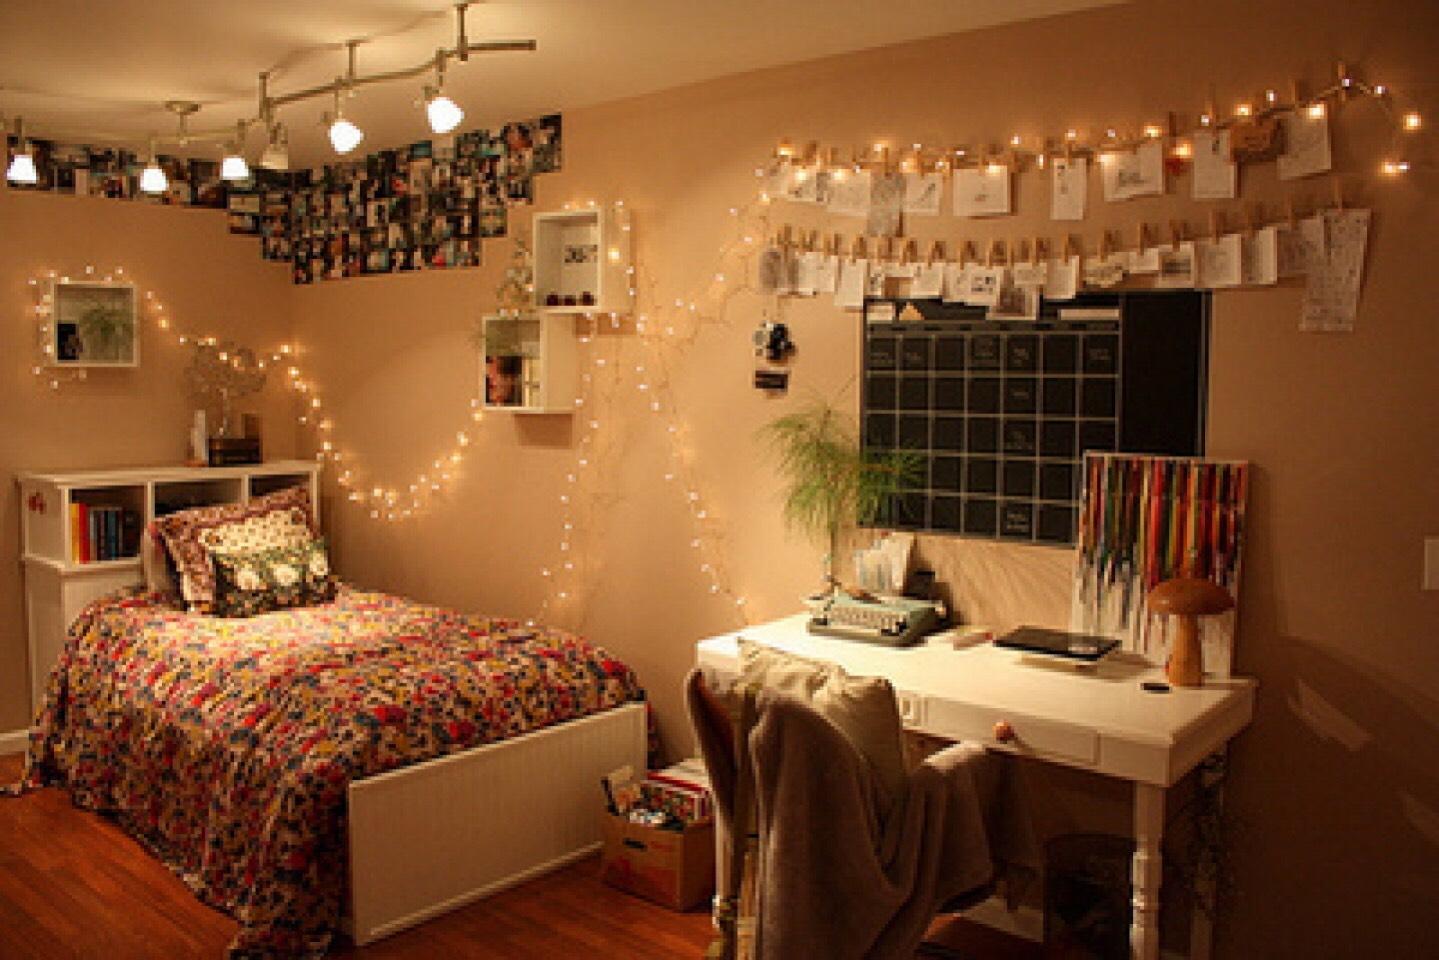 Top 5 moduri interesante de a-ți decora locuința personală